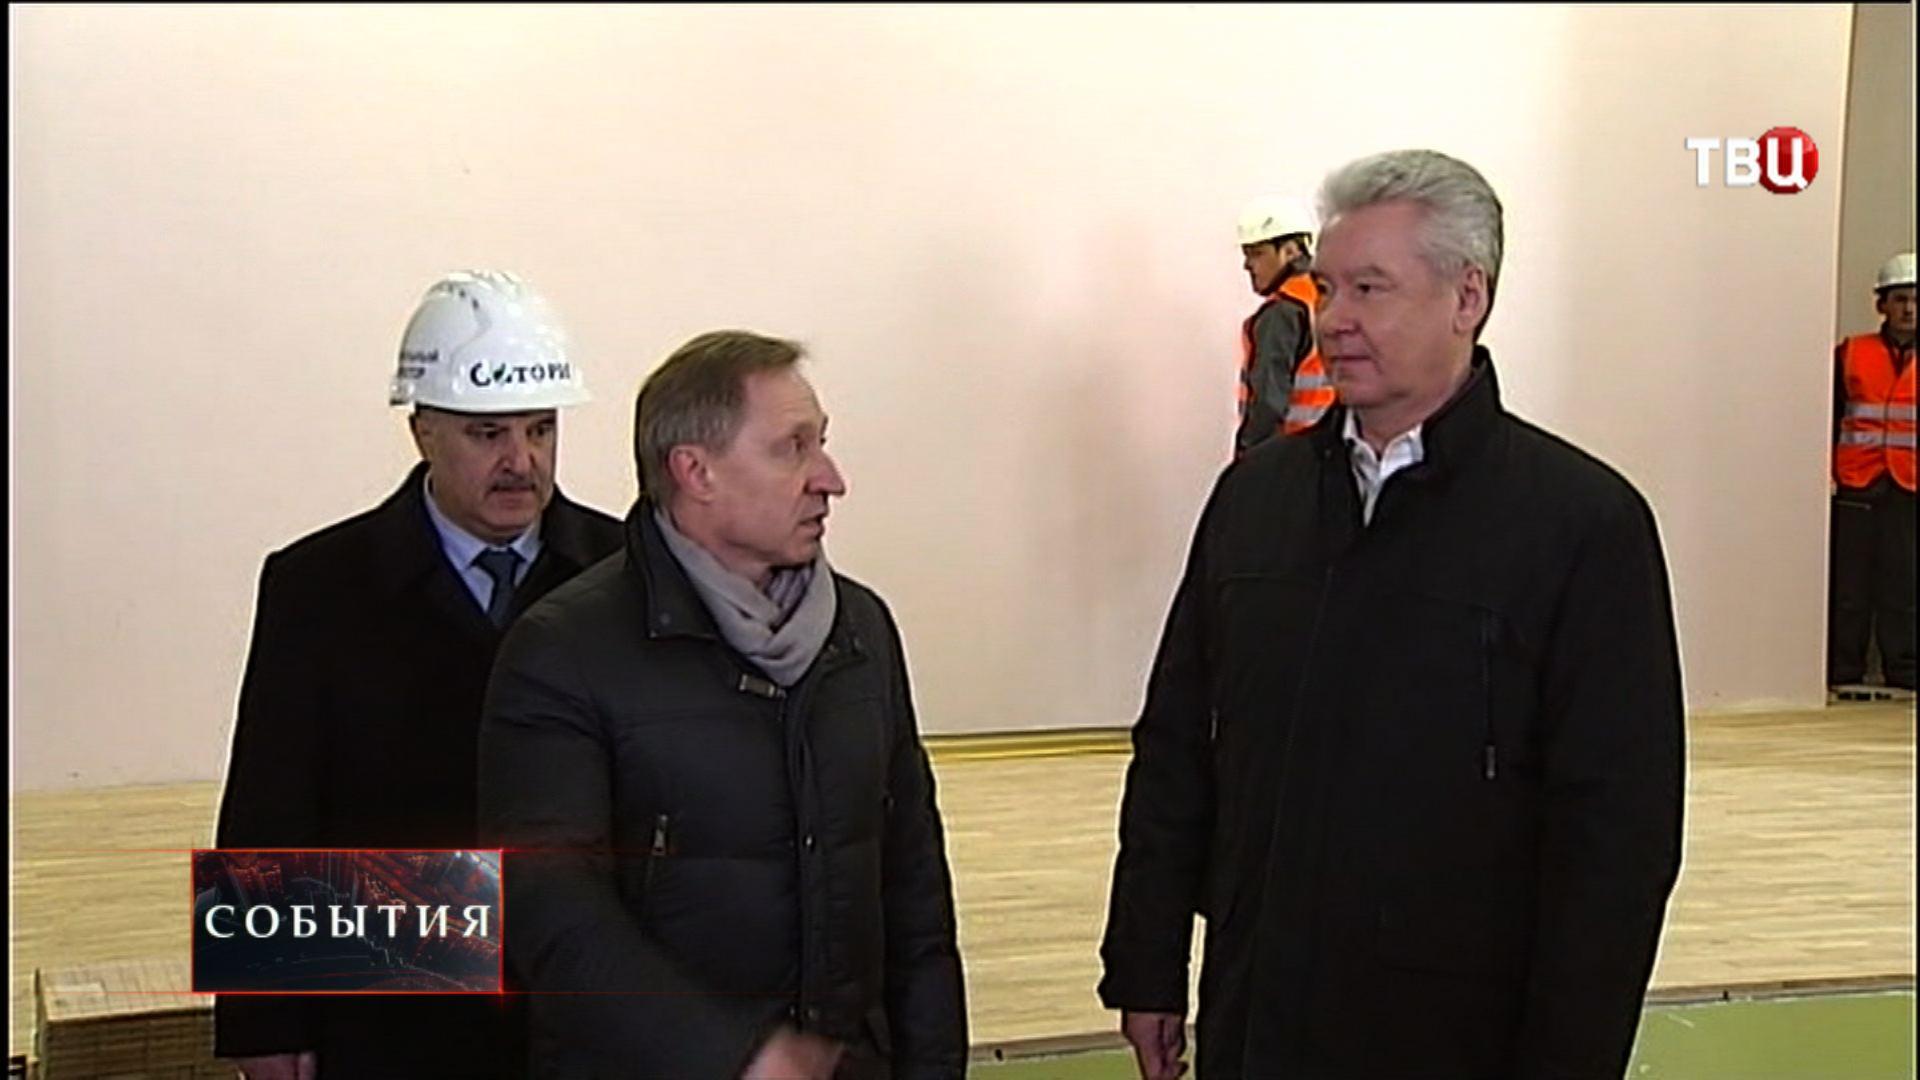 Сергей Собянин осматривает стройку нового корпуса школы